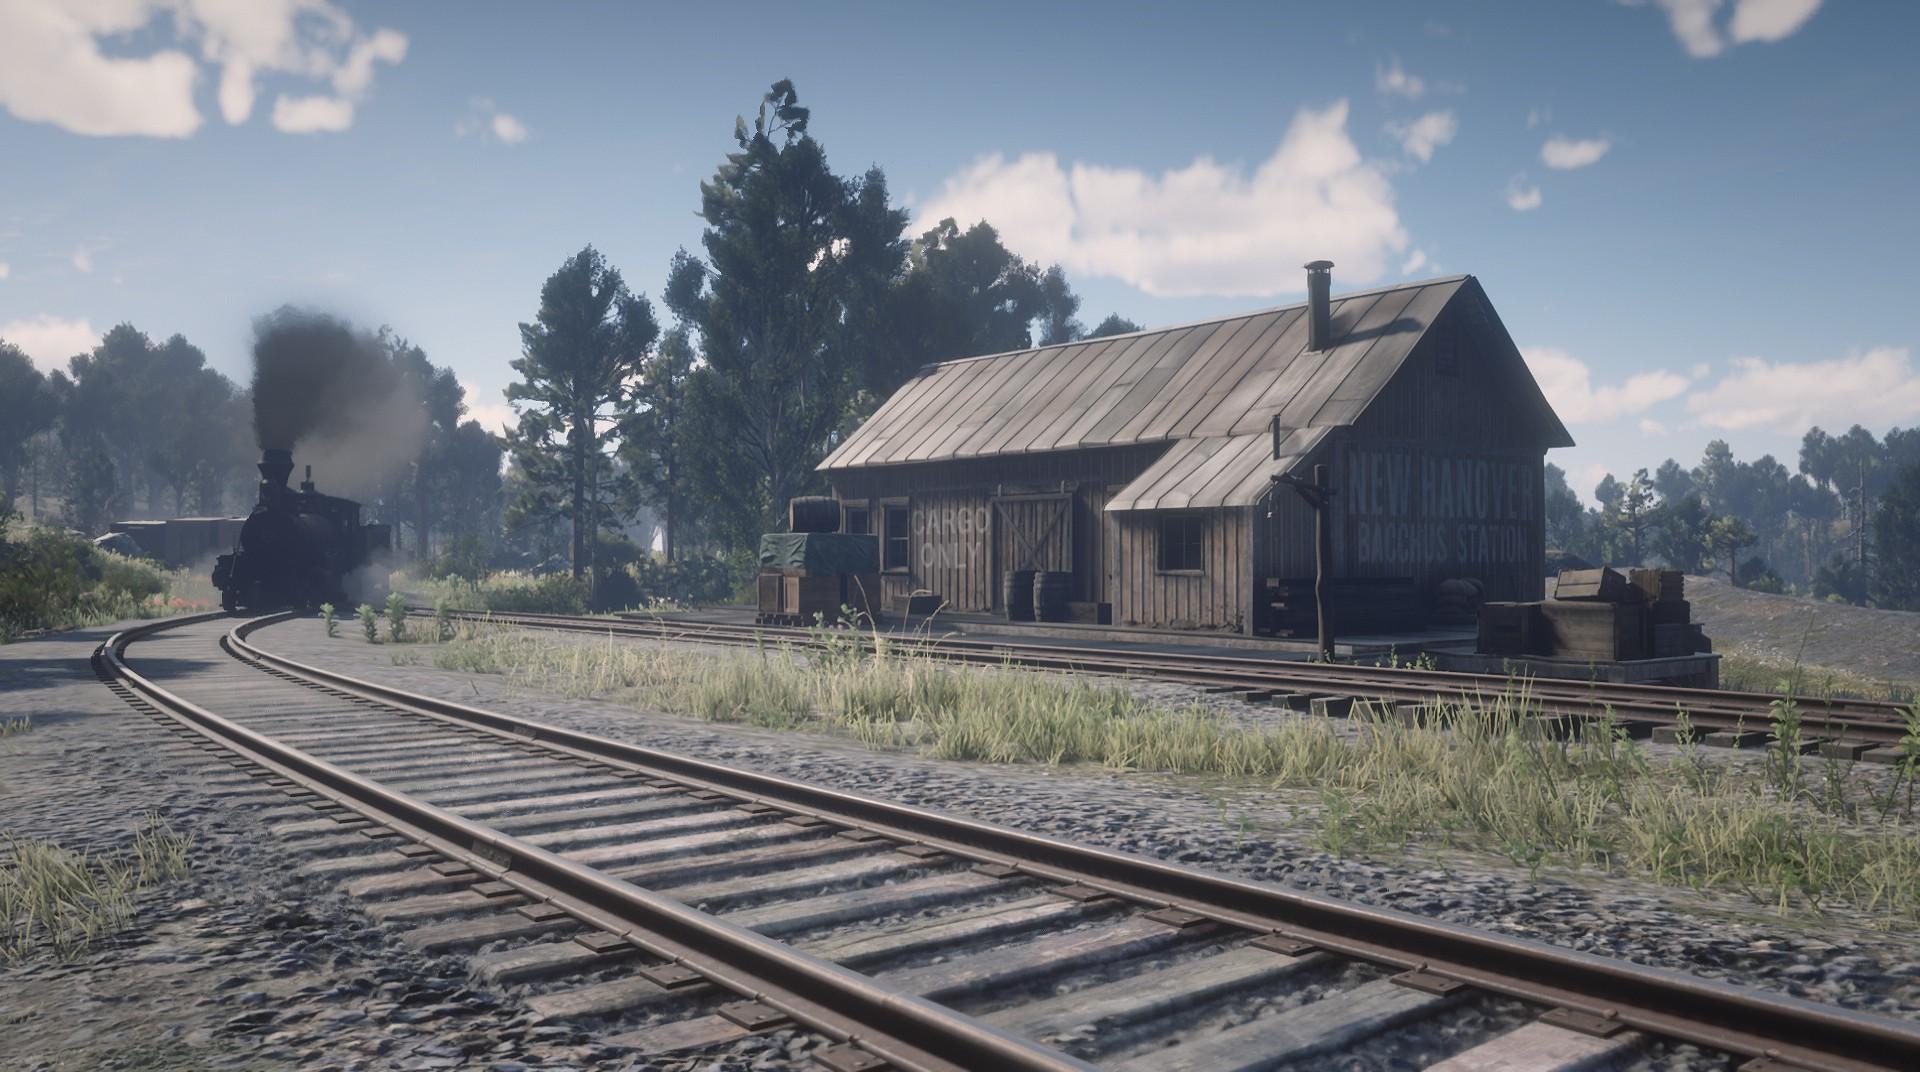 Bacchus Station